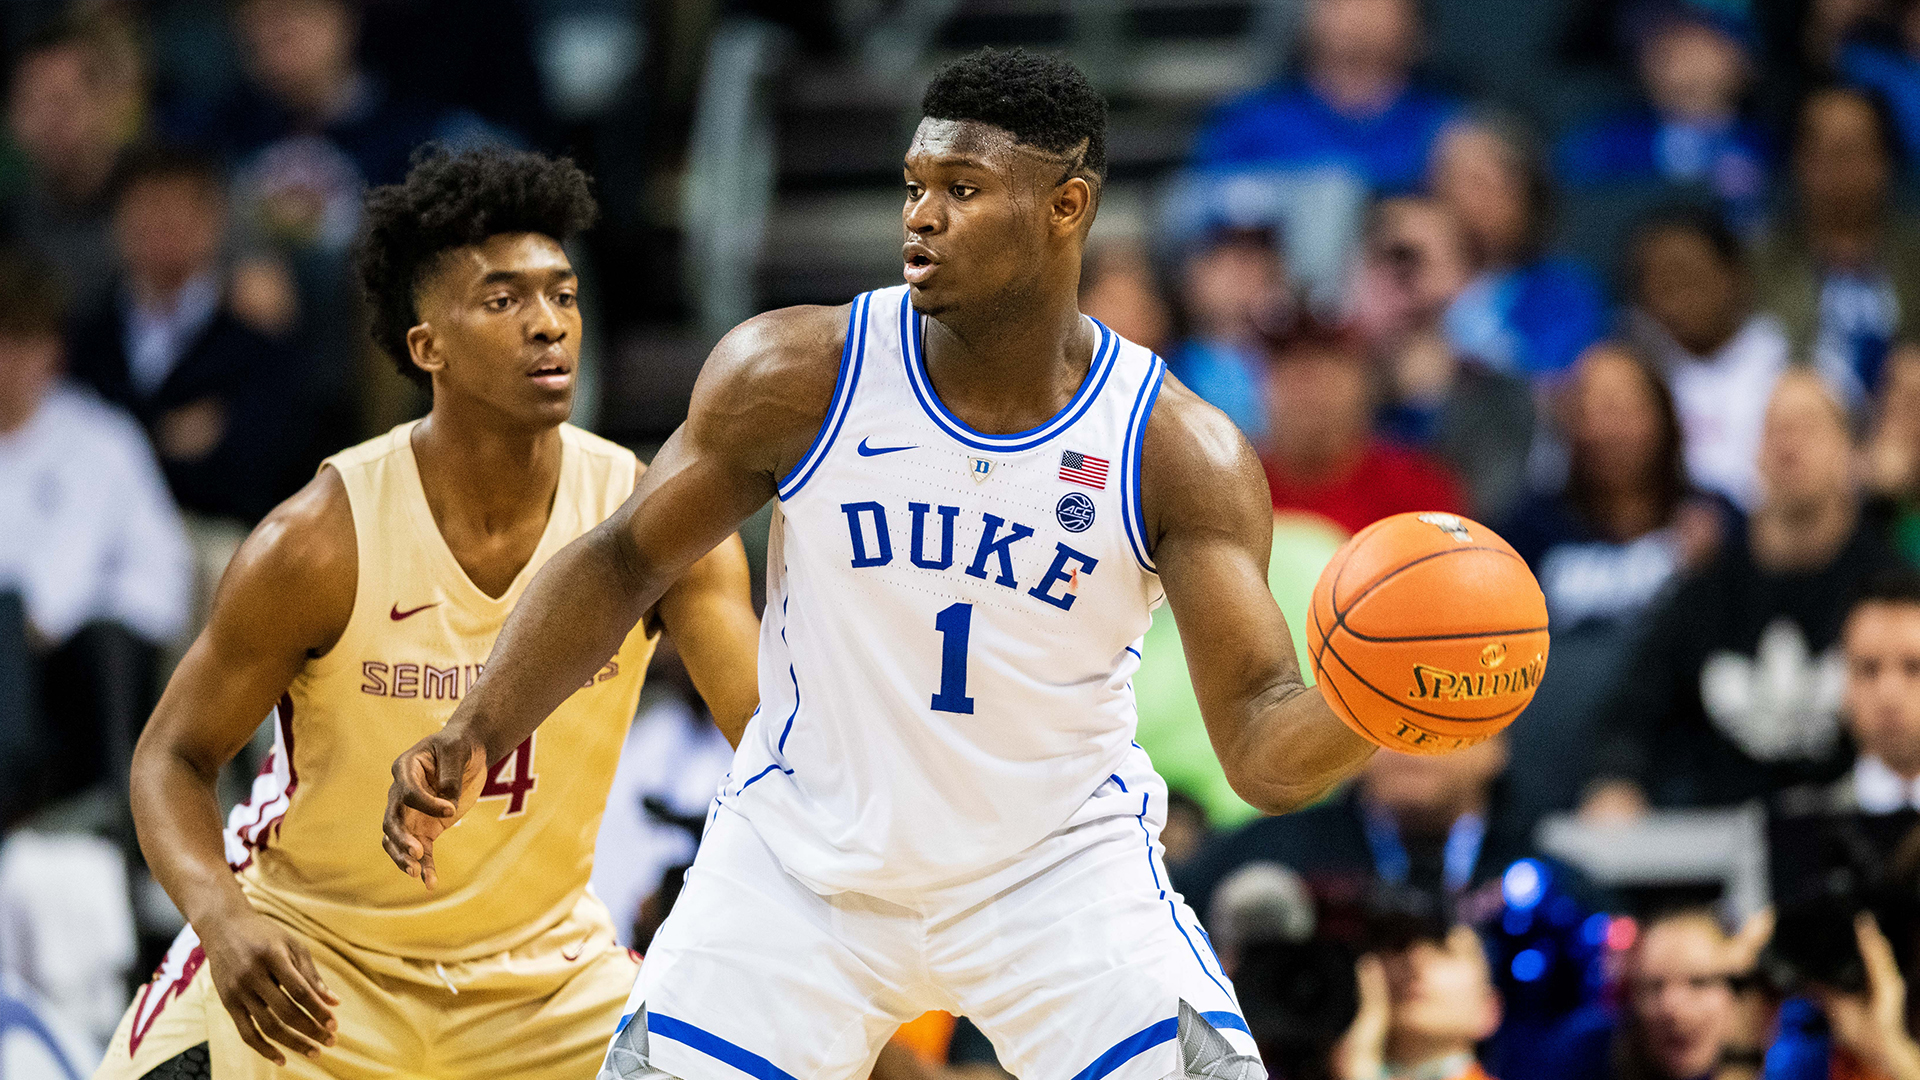 Zion Williamson, candidato a ser elegido número 1 en el Draft de la NBA